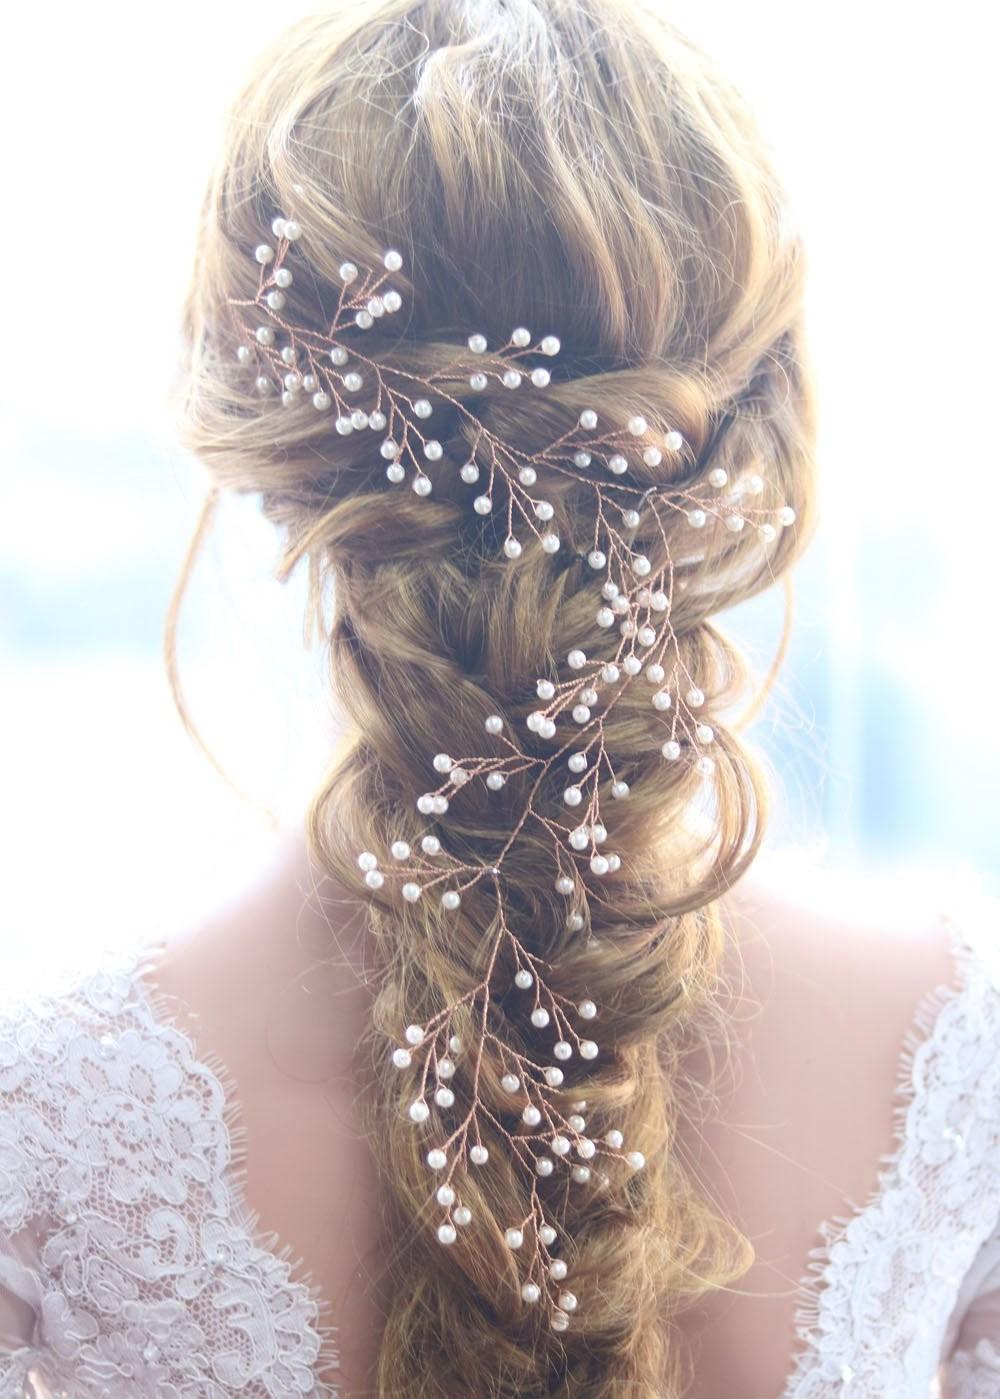 Coiffures de mariage pour cheveux longs pour votre journée spéciale.